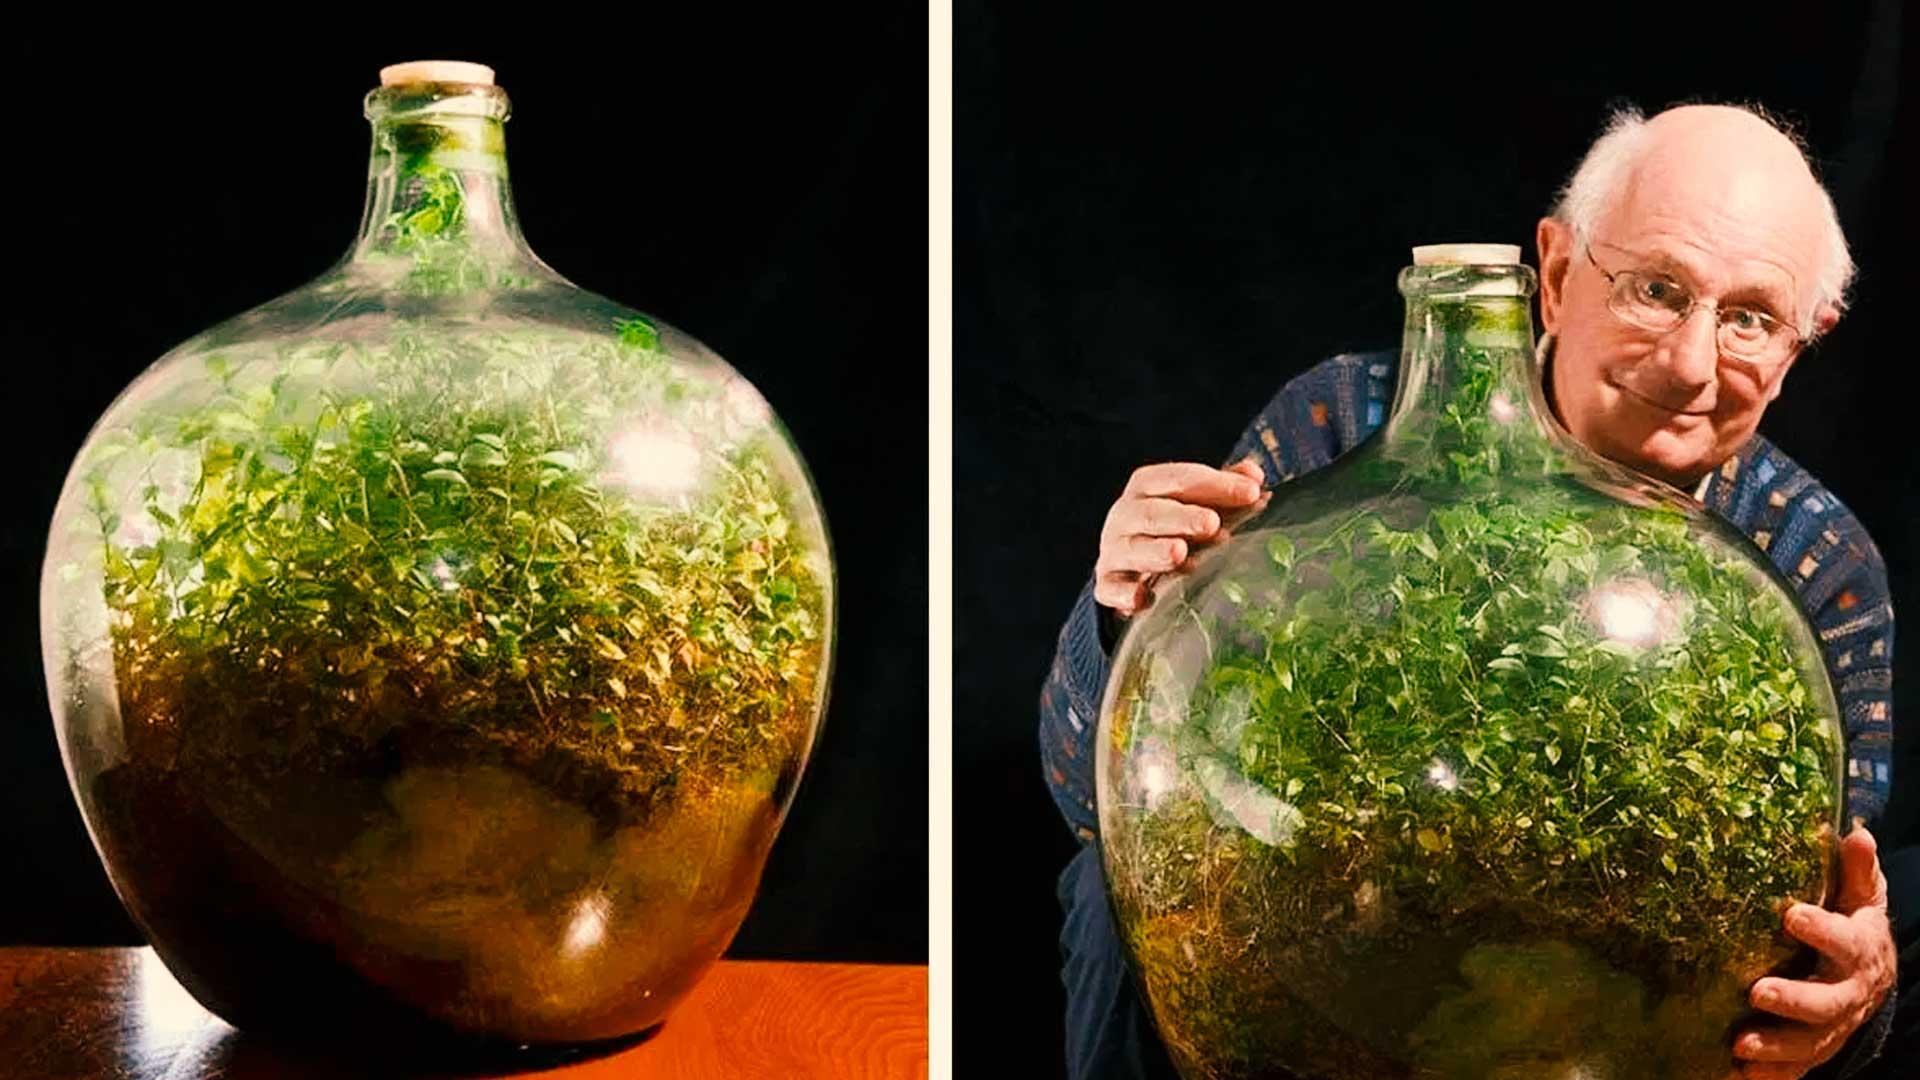 Esta planta sigue creciendo dentro de una botella sin regarse después de más de 40 años